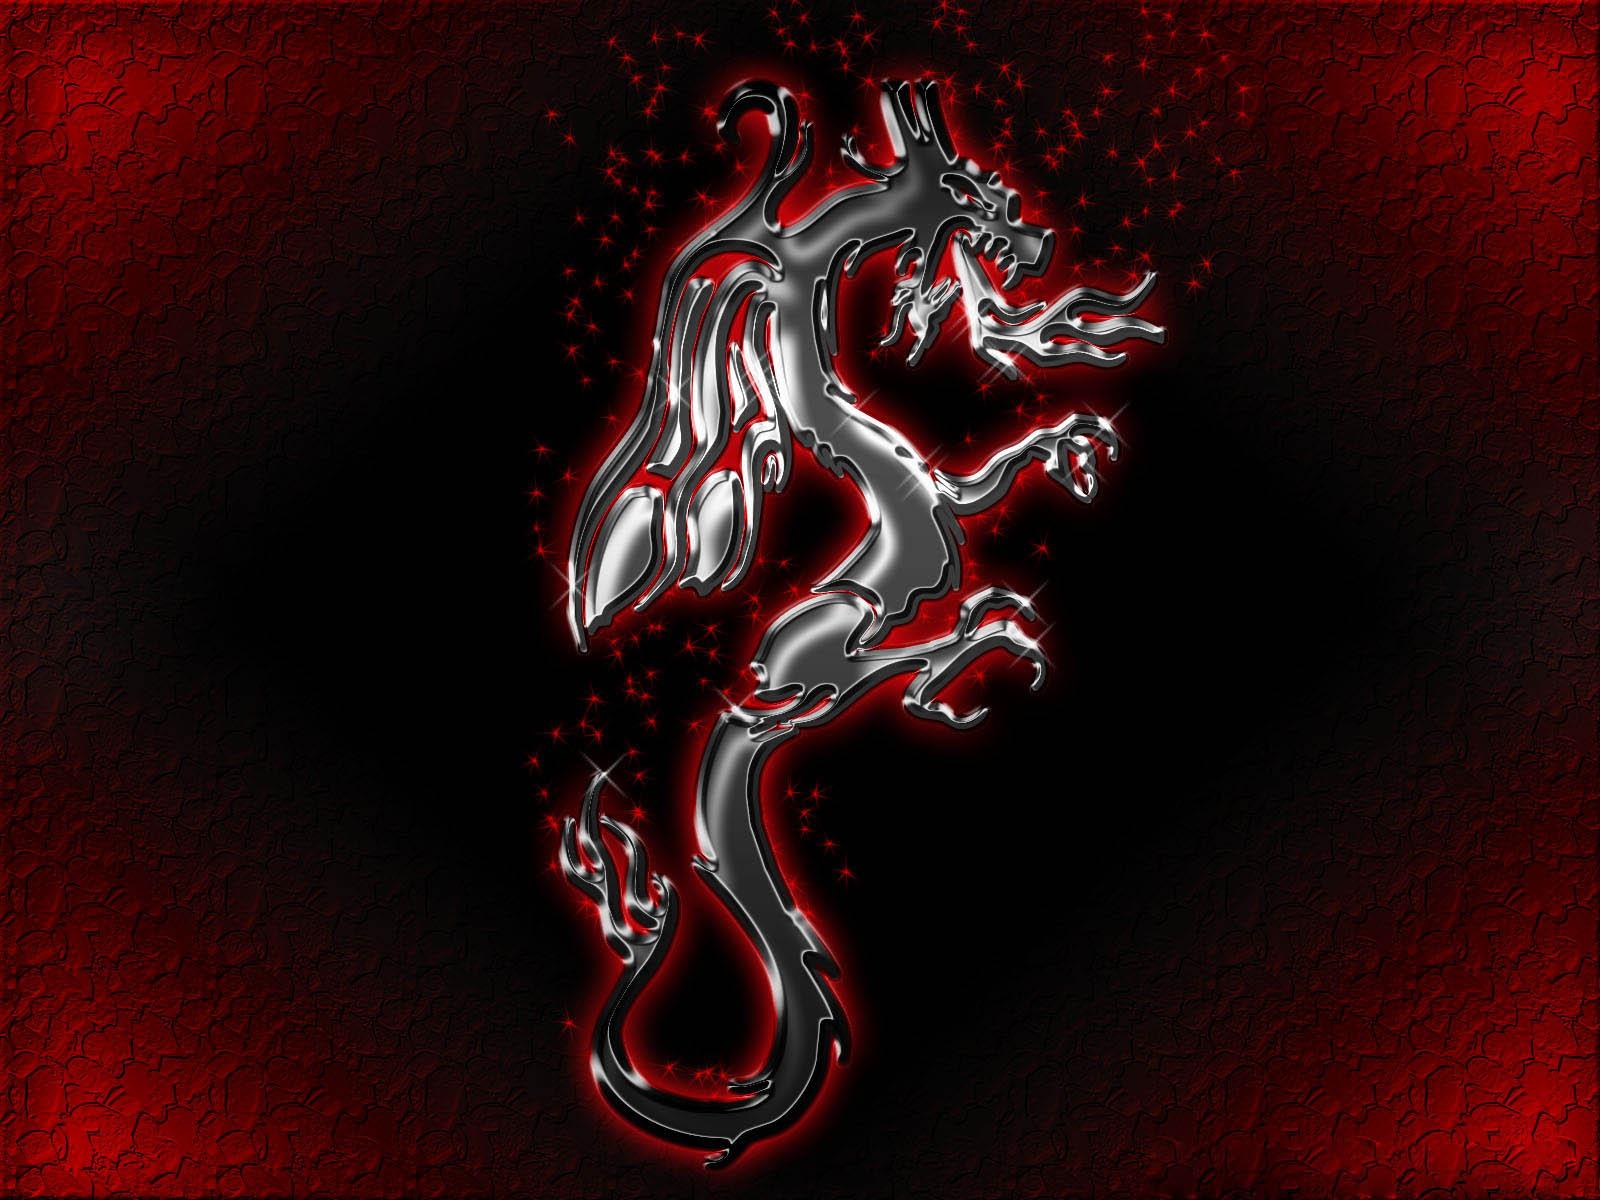 dragon wallpaper 1600x1200 - photo #10